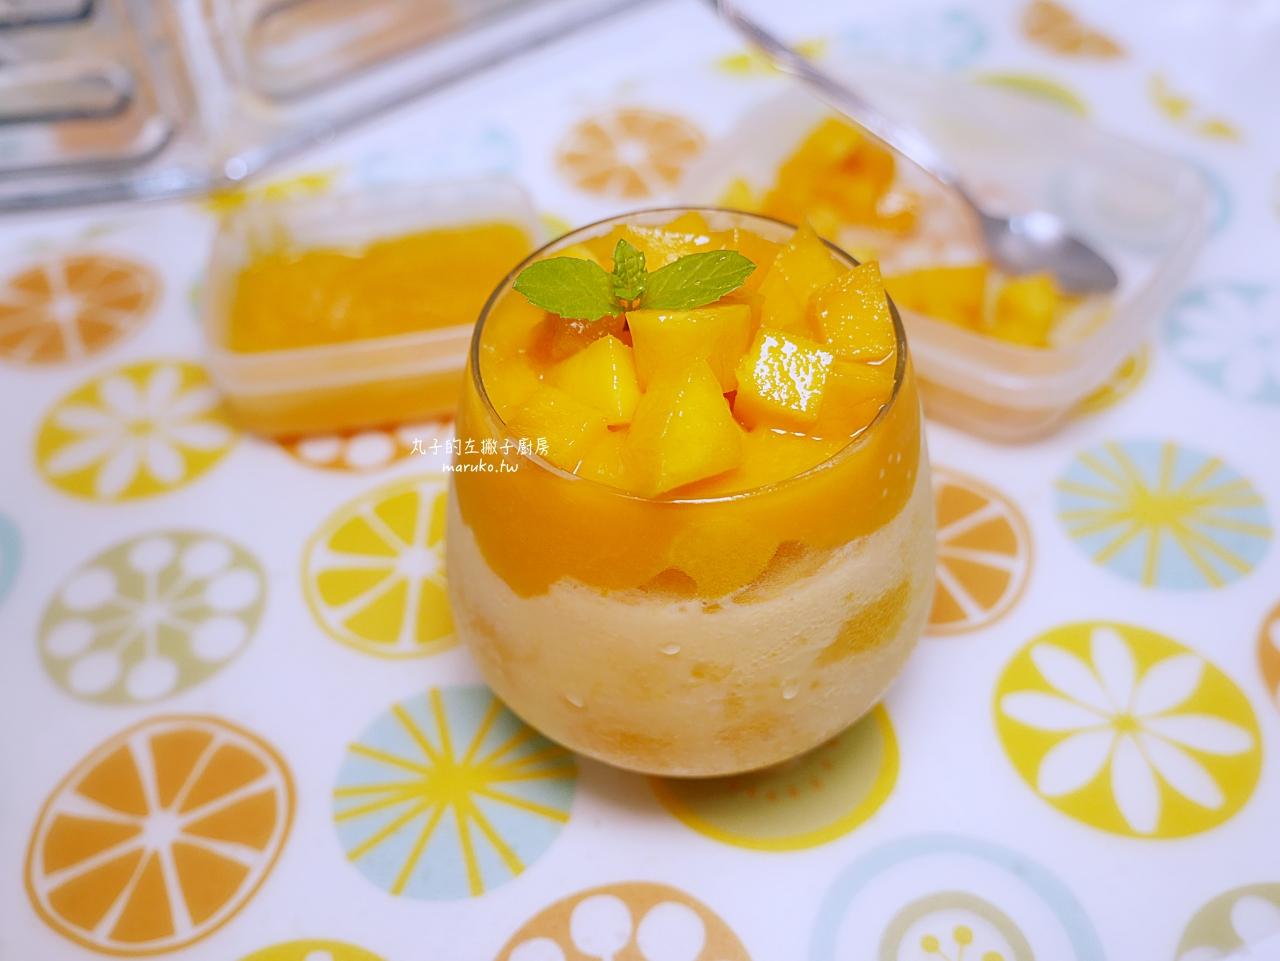 【食譜】芒果爽 自製百分百芒果果泥清涼飲品 澳洲 cooksclub水果冰淇淋機 @Maruko與美食有個約會